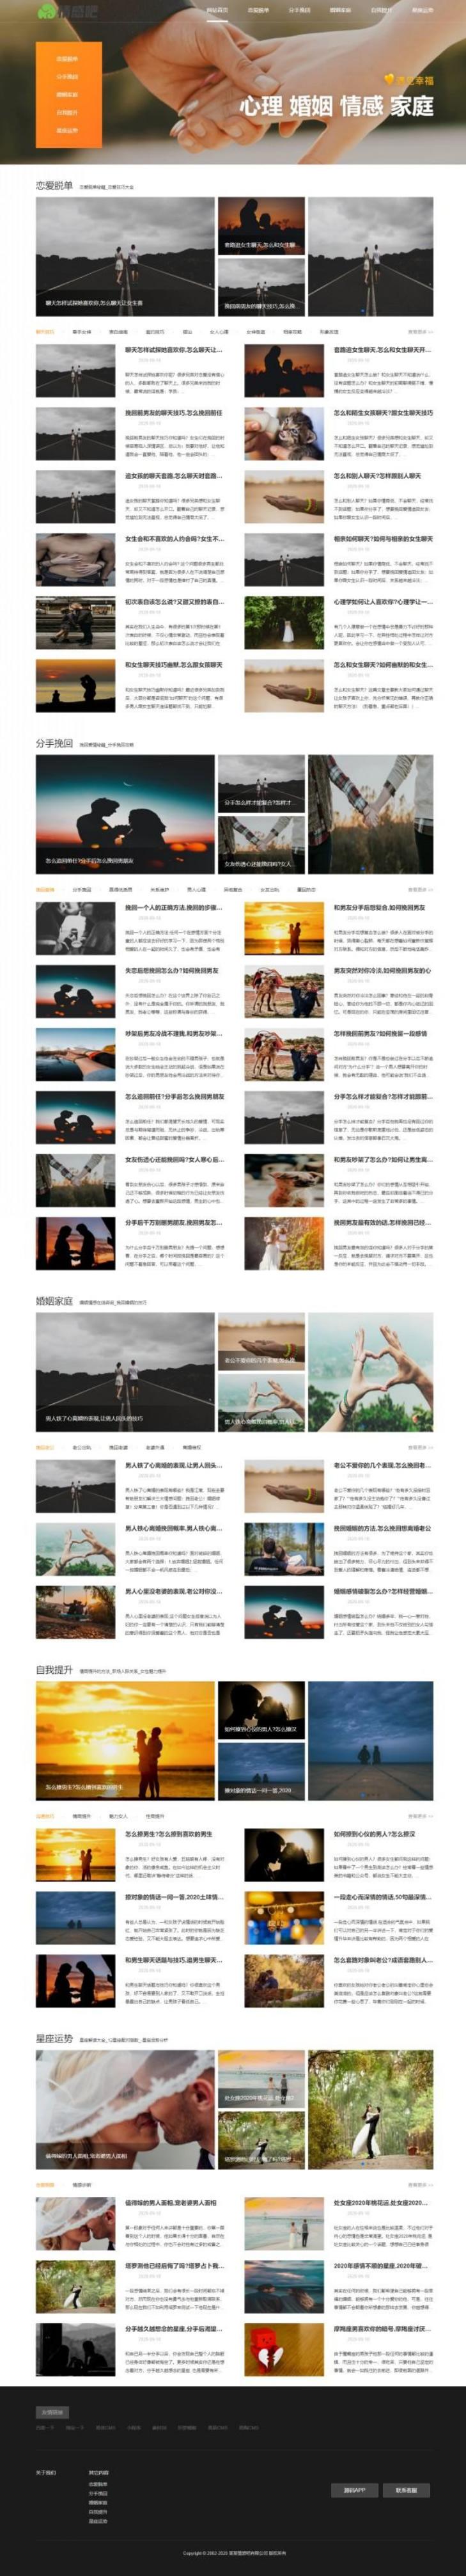 (亲测完整)九月最新情感新闻情感资讯撩妹心理咨询资讯网站源码 织梦dedecms模板(带手机端)